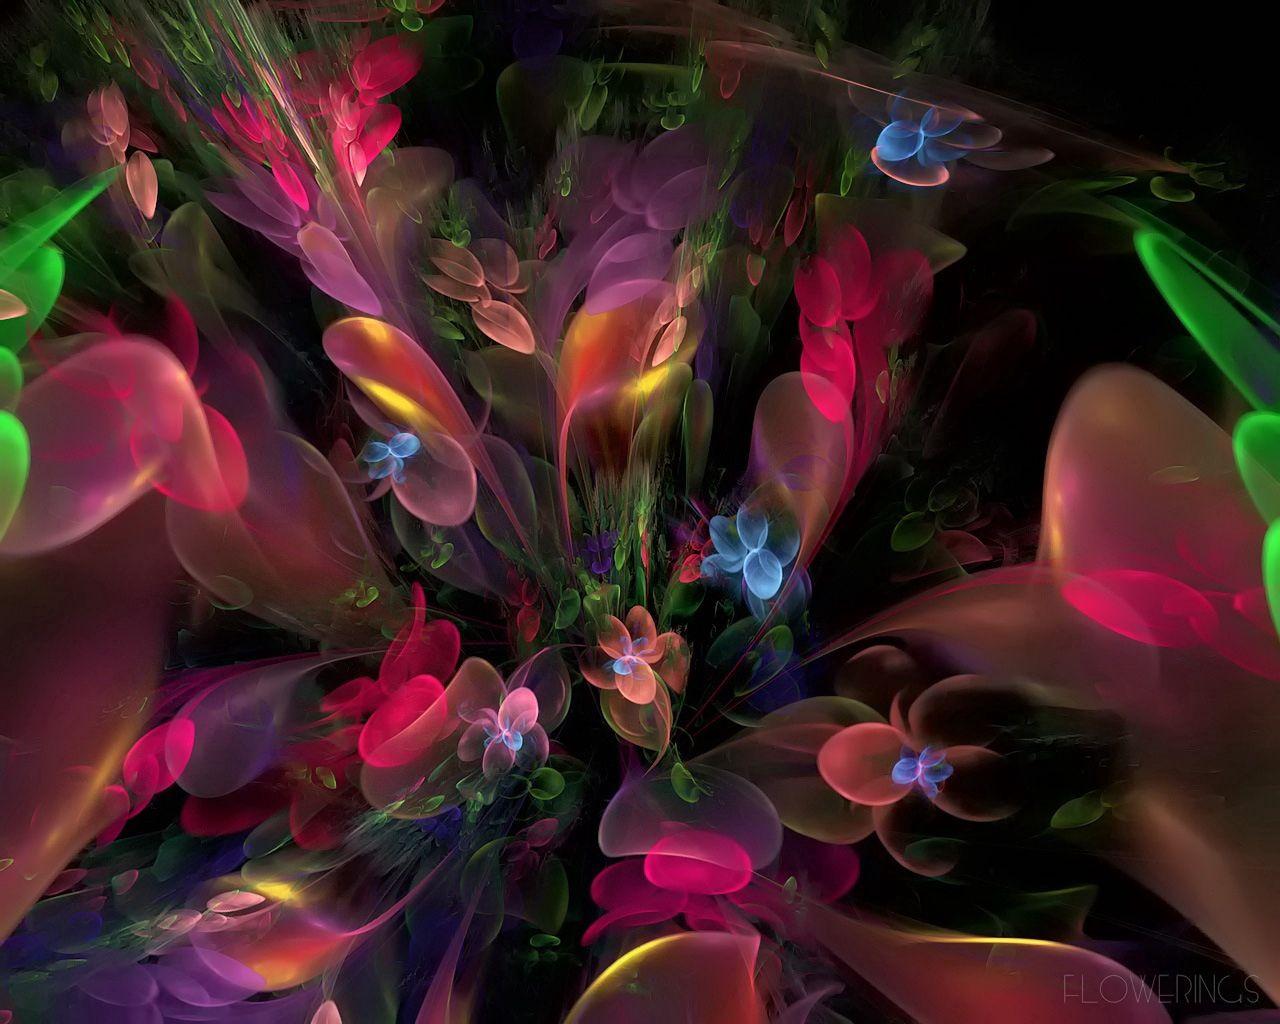 133010 скачать обои Абстракция, Разноцветный, Цветы, Дым, Фрактал - заставки и картинки бесплатно